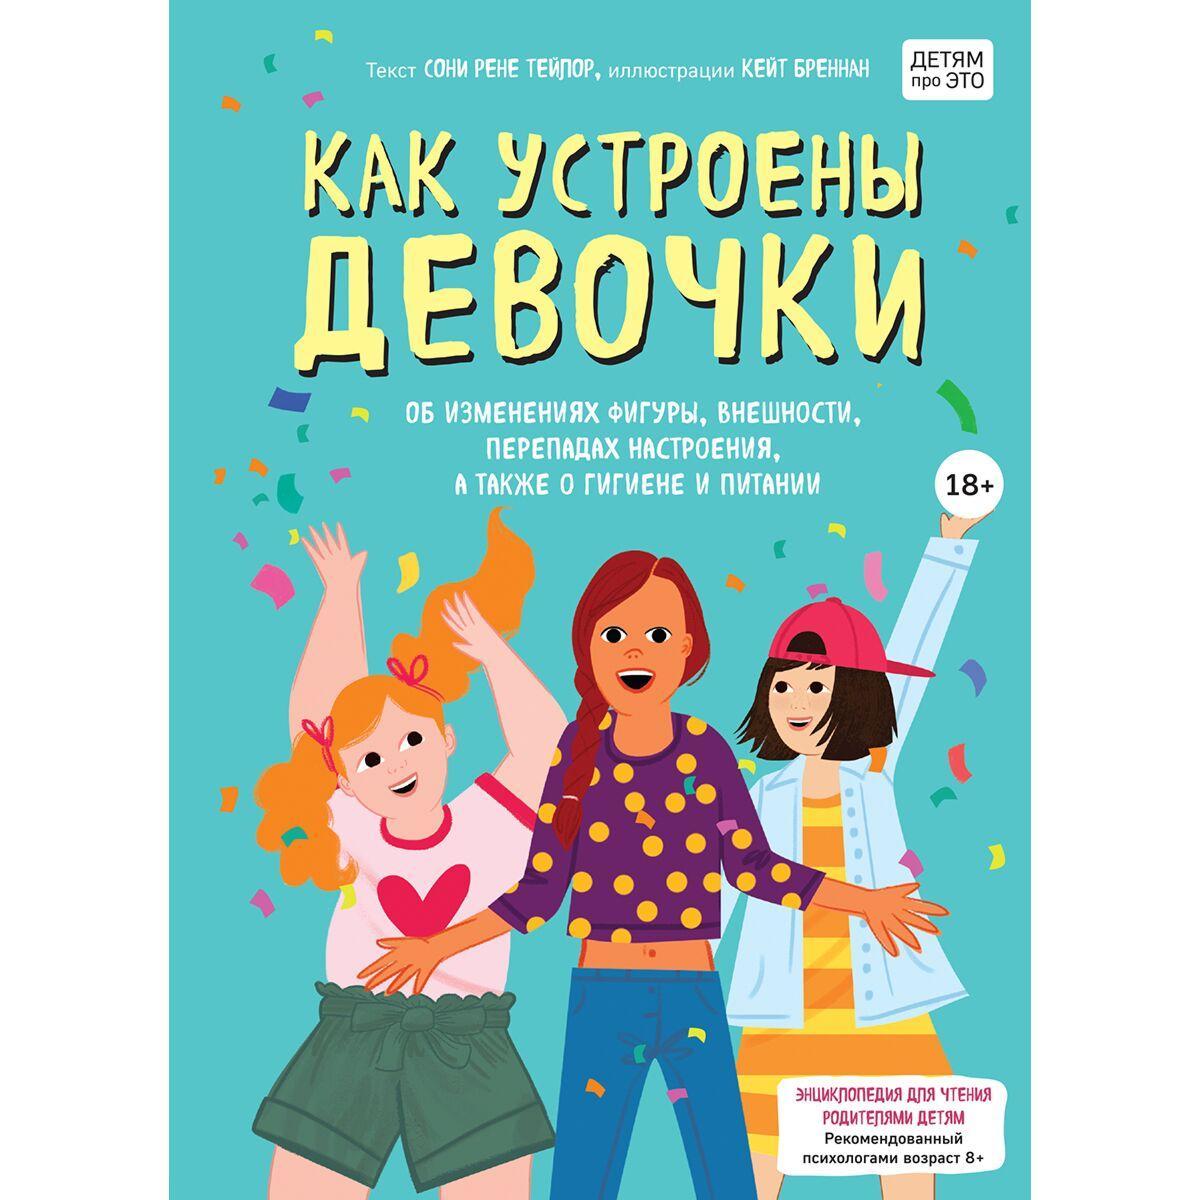 Тейлор С. Р., Бреннан К.: Как устроены девочки. Об изменениях фигуры, внешности, перепадах настроения, а также